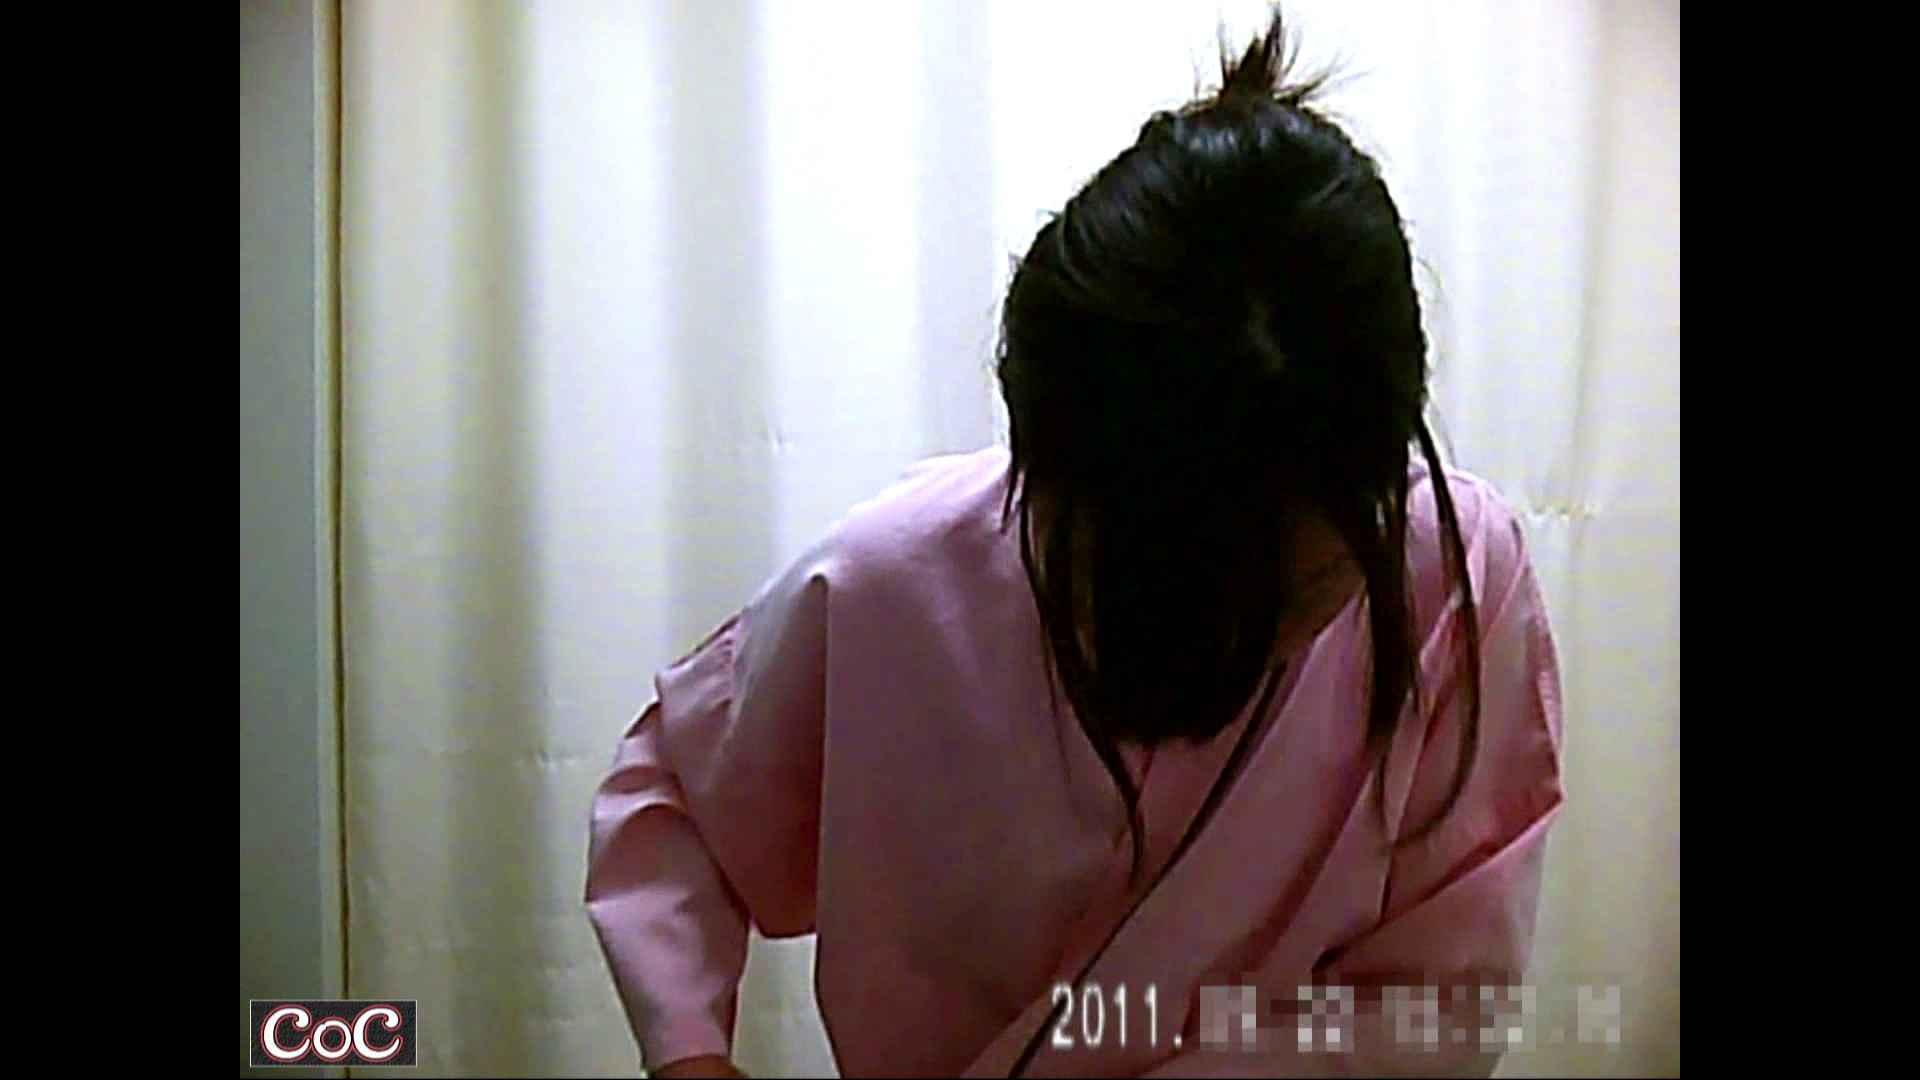 病院おもいっきり着替え! vol.33 乳首 すけべAV動画紹介 85pic 74